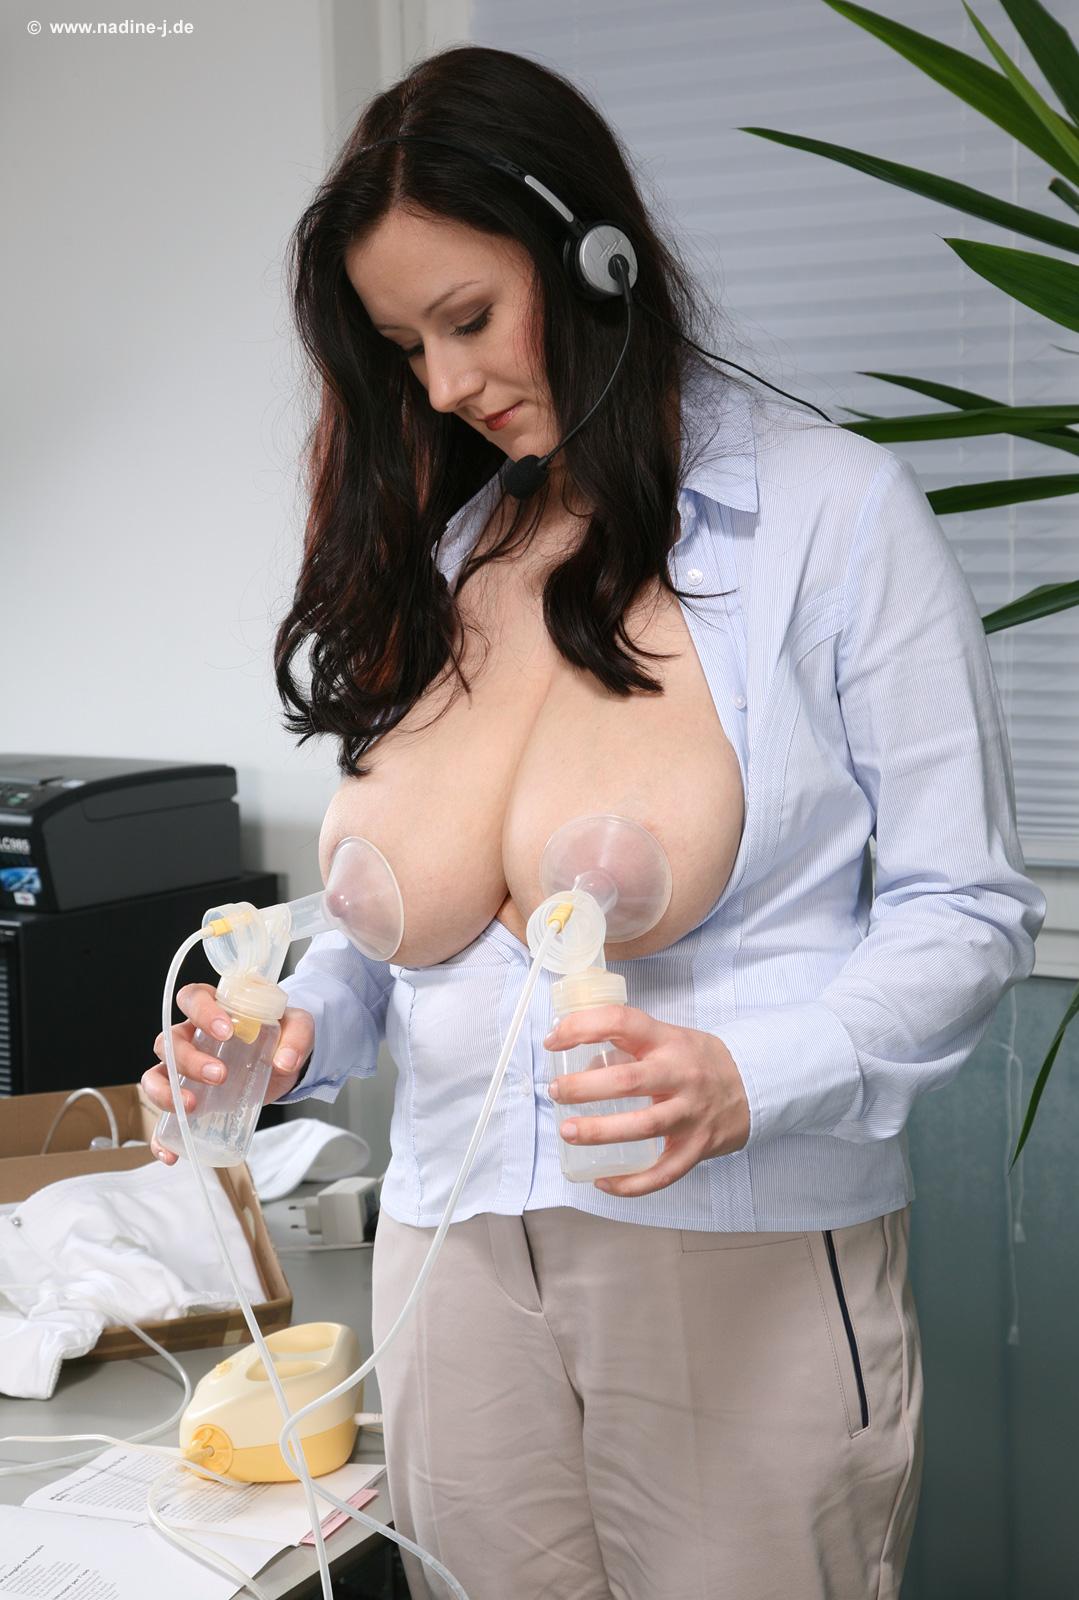 Sarah butler nude scene